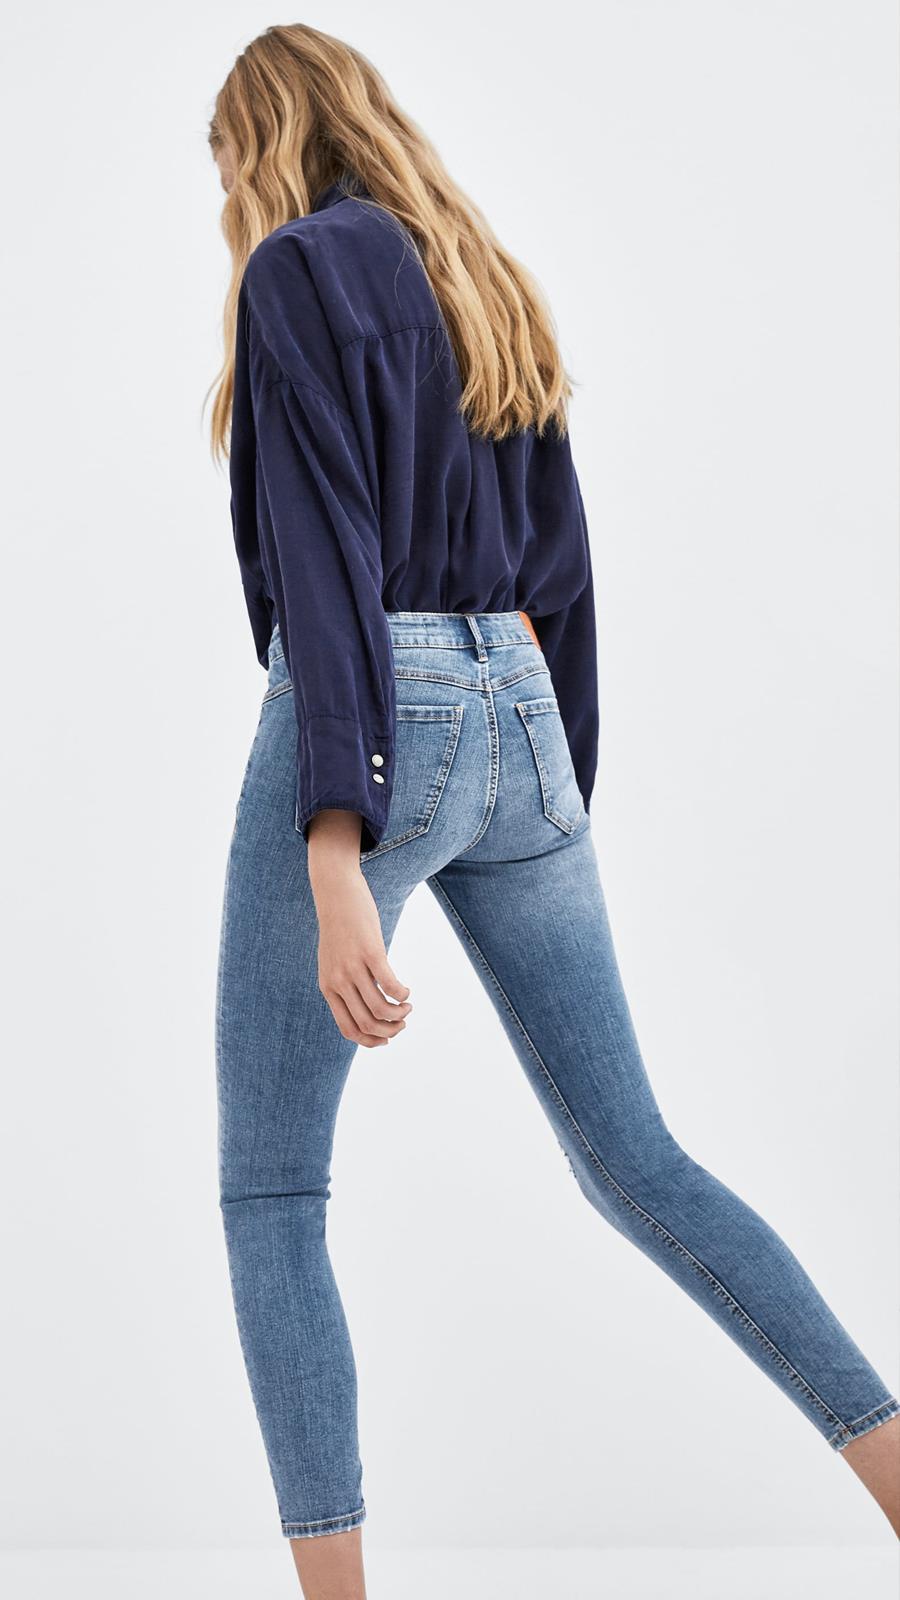 68aa523490c Jeans Low-rise sculpt de Zara Potencian la figura gracias a su tecnología  (19